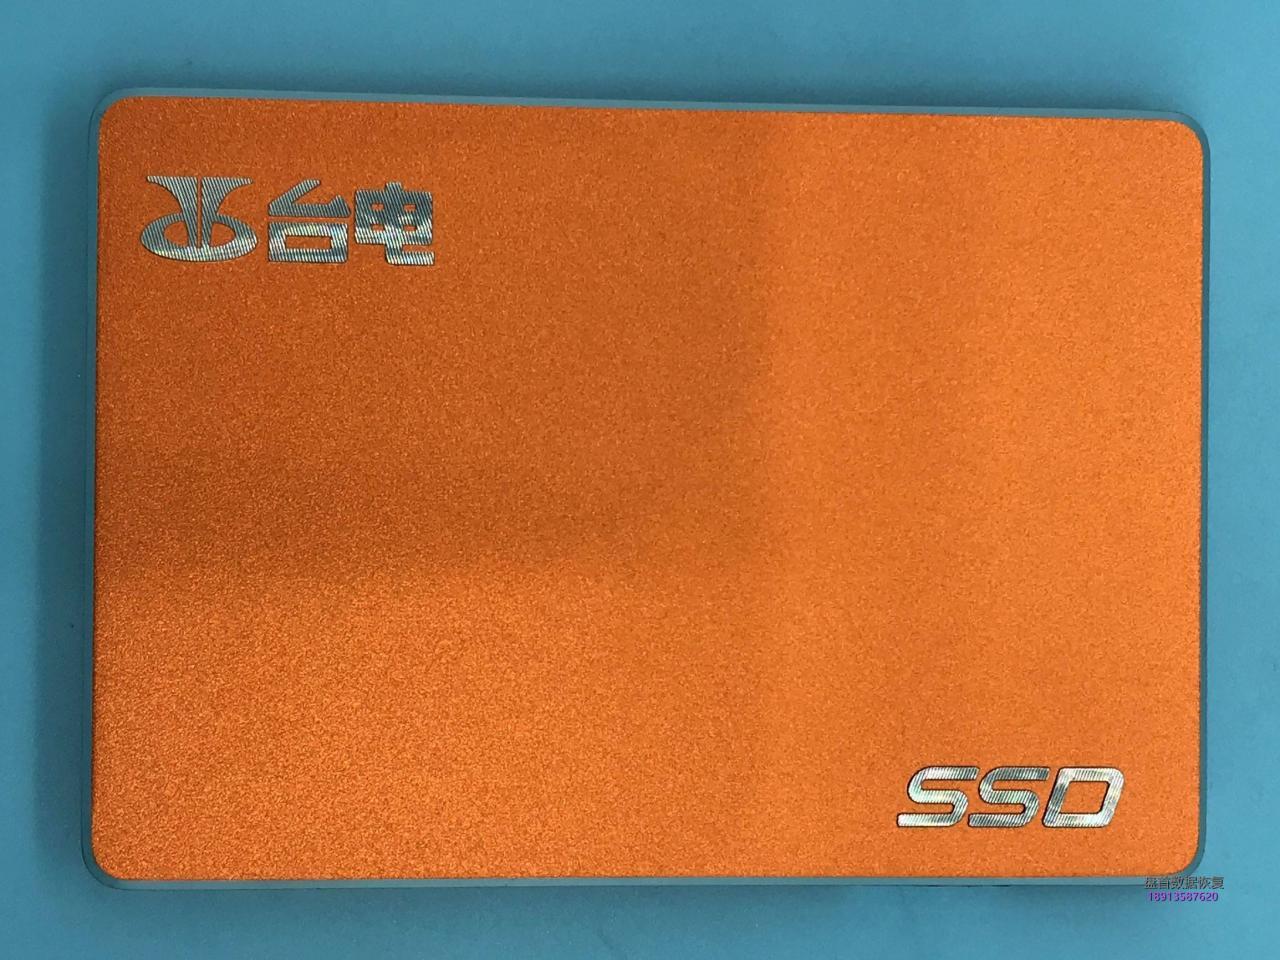 成功恢复SD120GBS500台电120G固态硬盘突然损坏后SSD硬盘就无法识别了